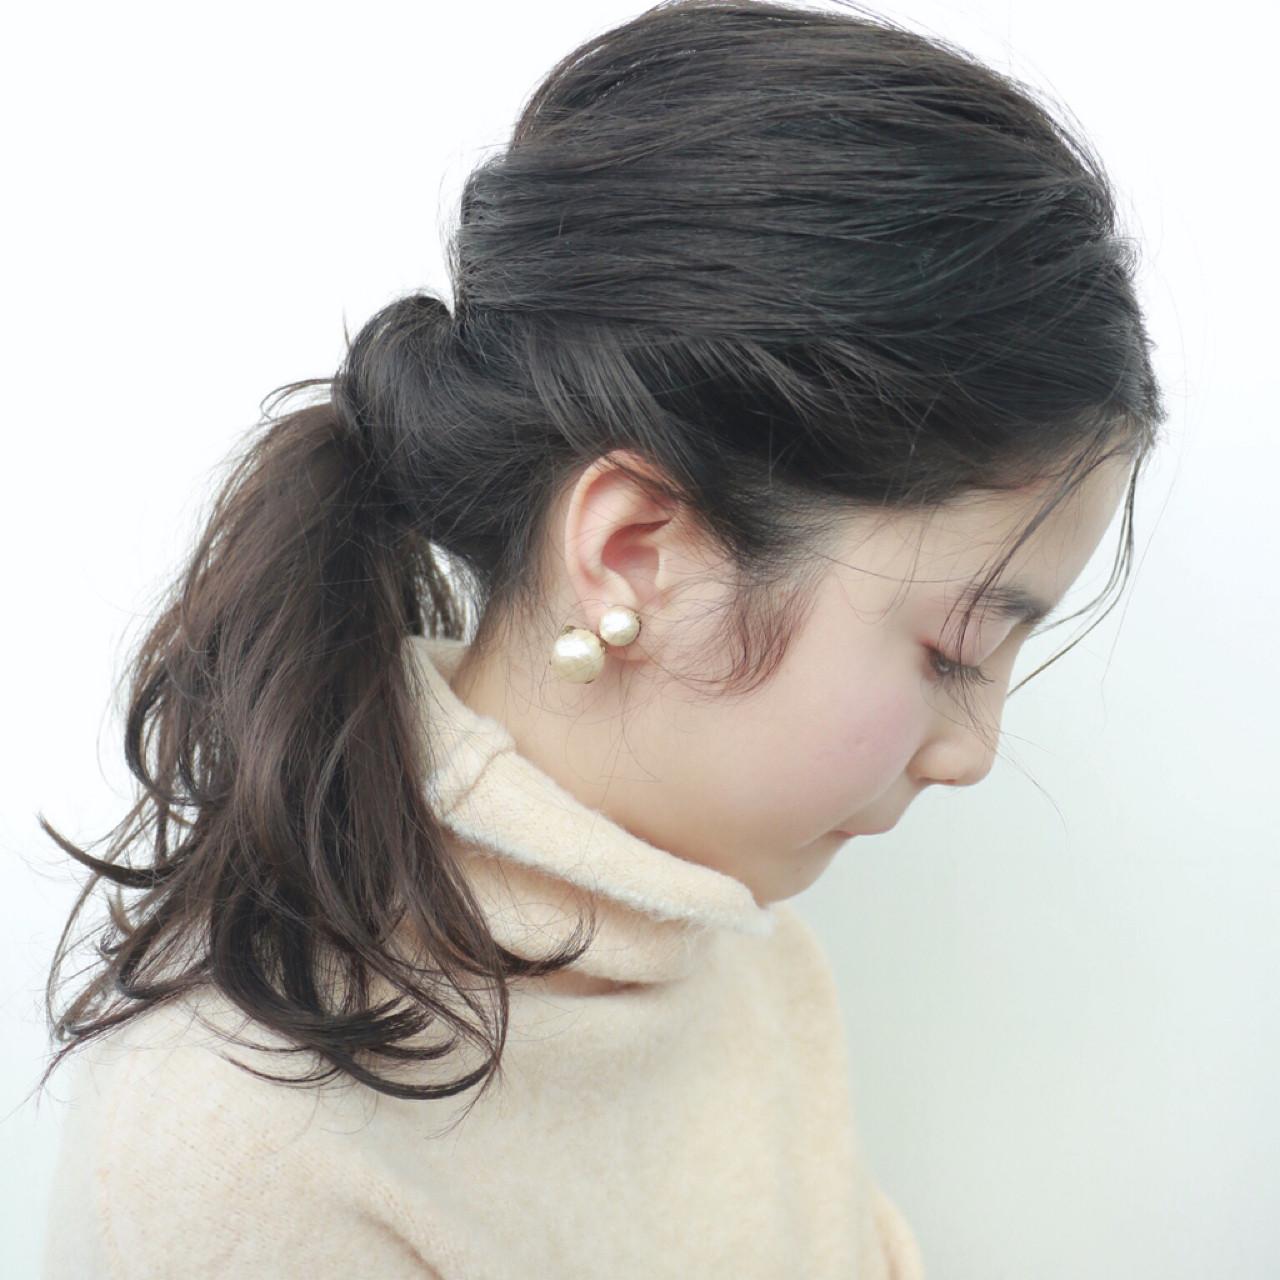 ポニーテール ヘアアレンジ 大人かわいい セミロング ヘアスタイルや髪型の写真・画像